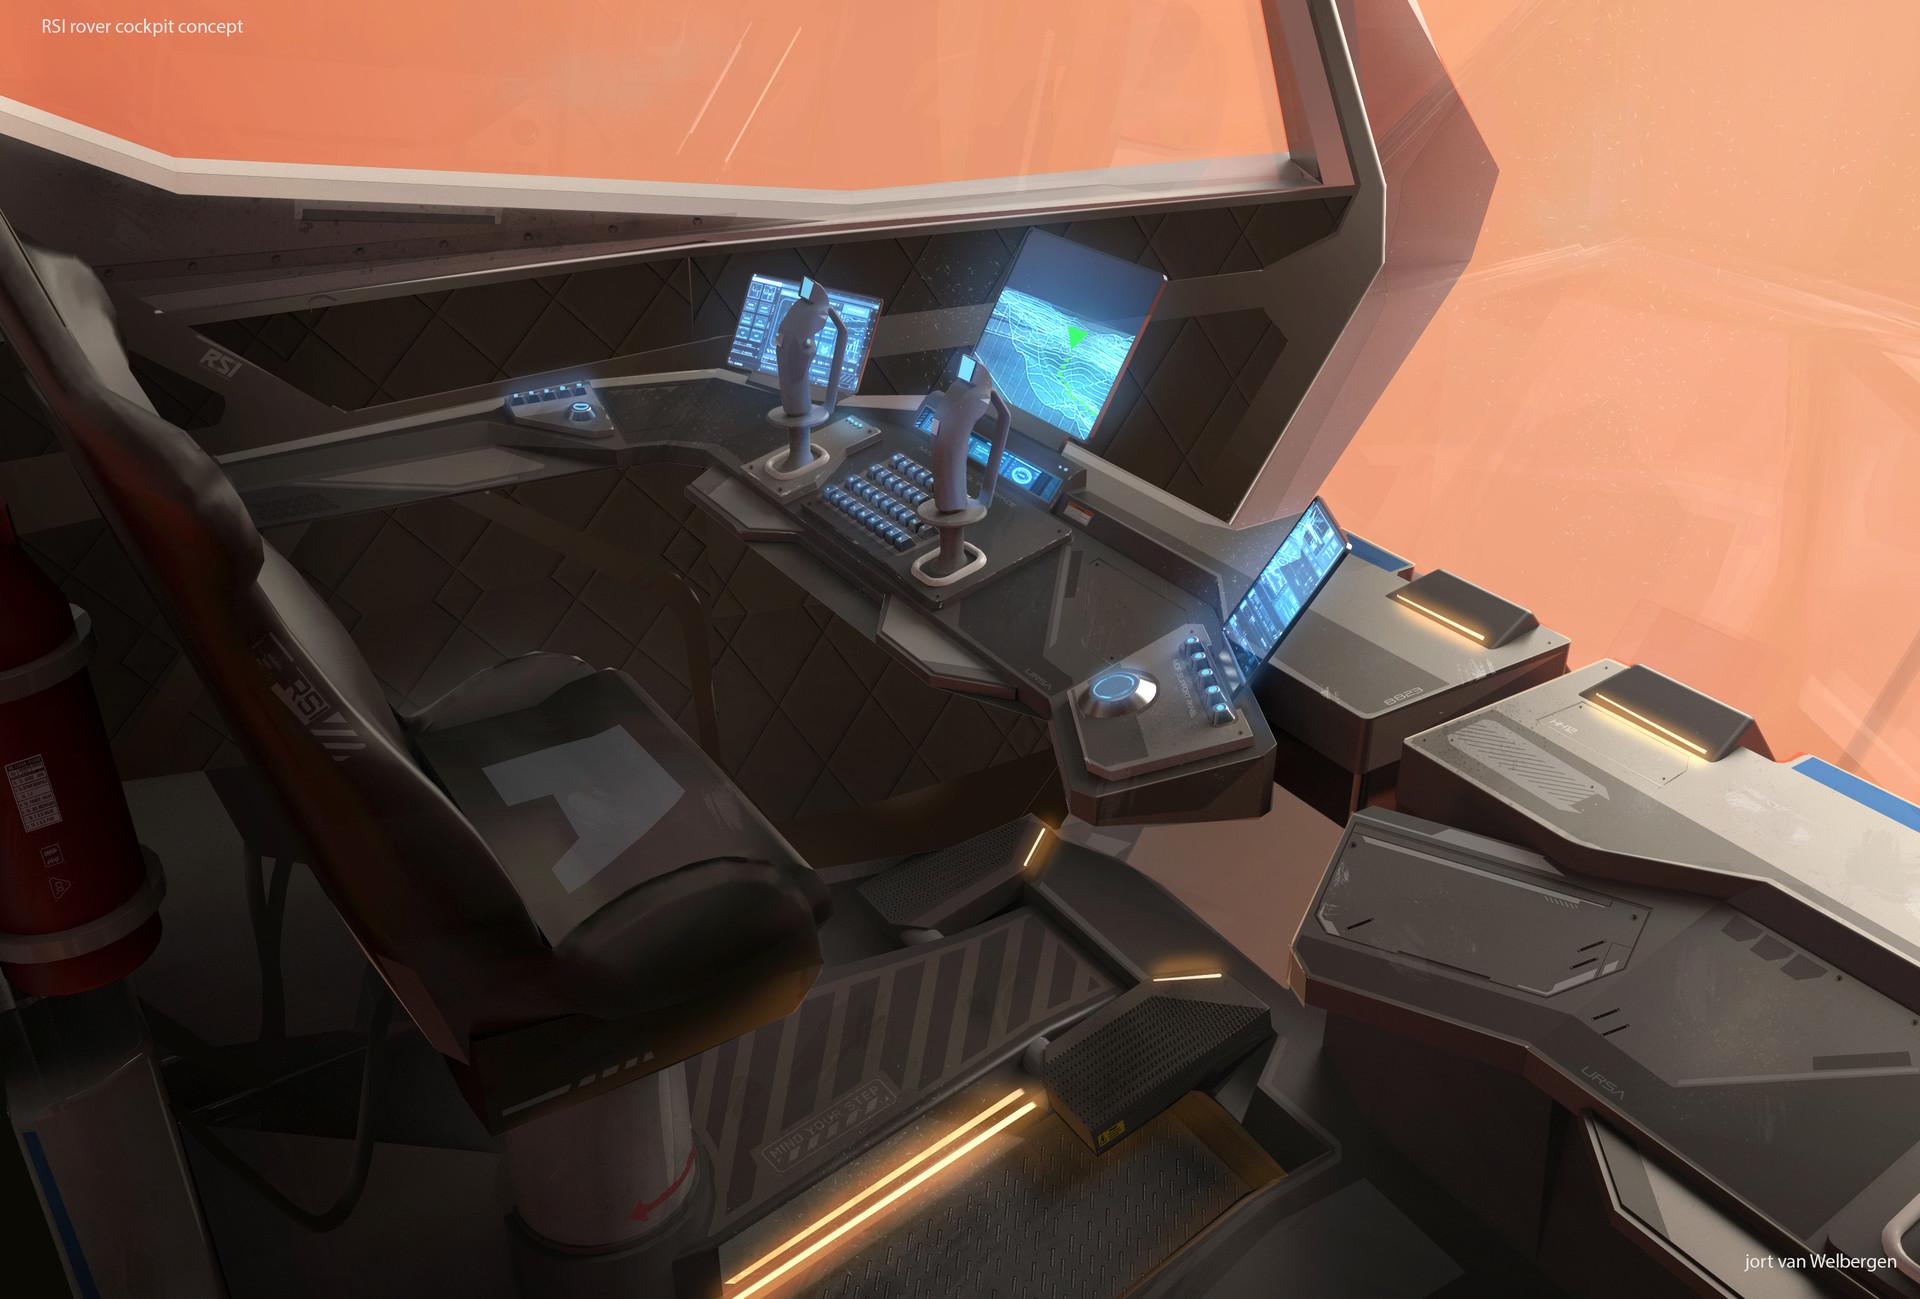 Jort van welbergen rover cockpit